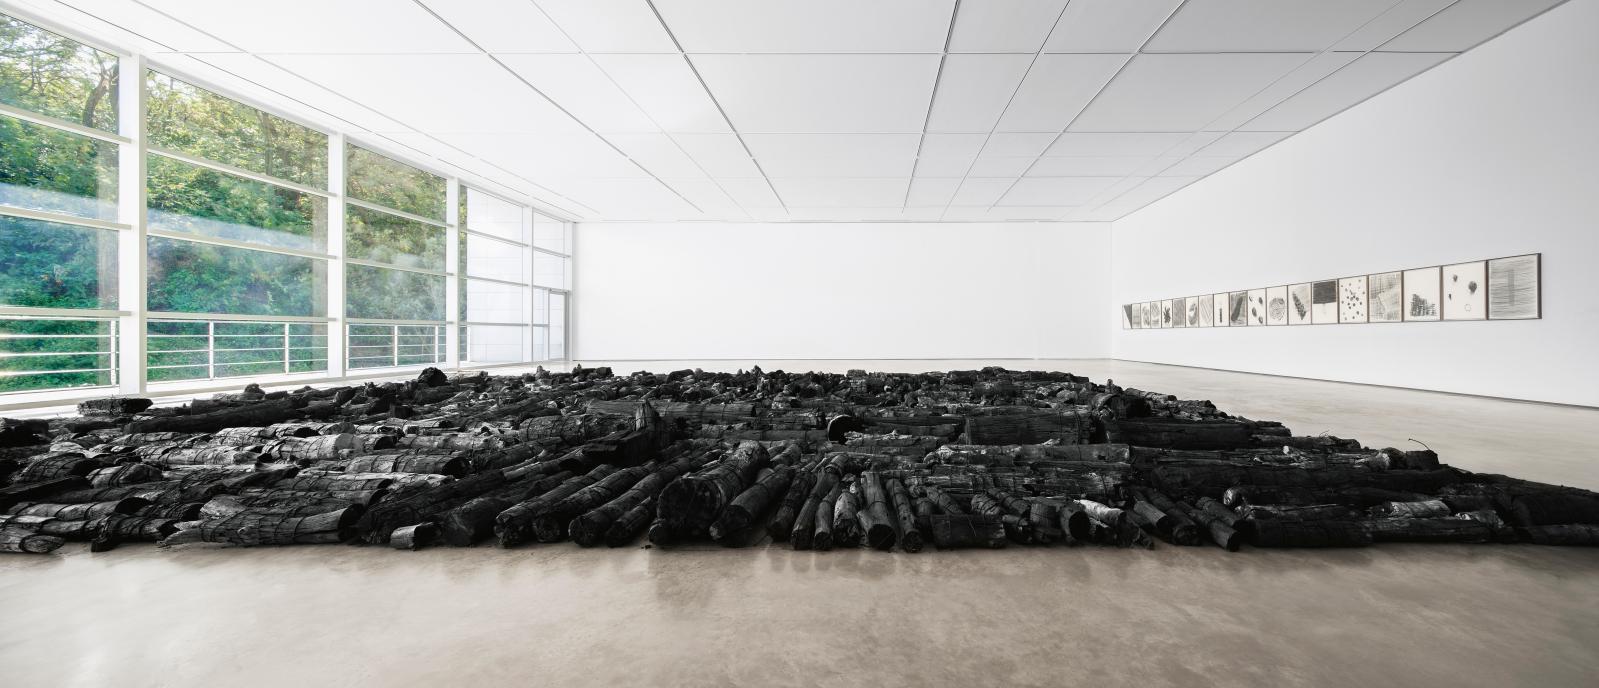 Landscape, troncs d'arbres brûlés, 1800x1600cm. Vue de l'installation au Daegu Art Museum en 2014.